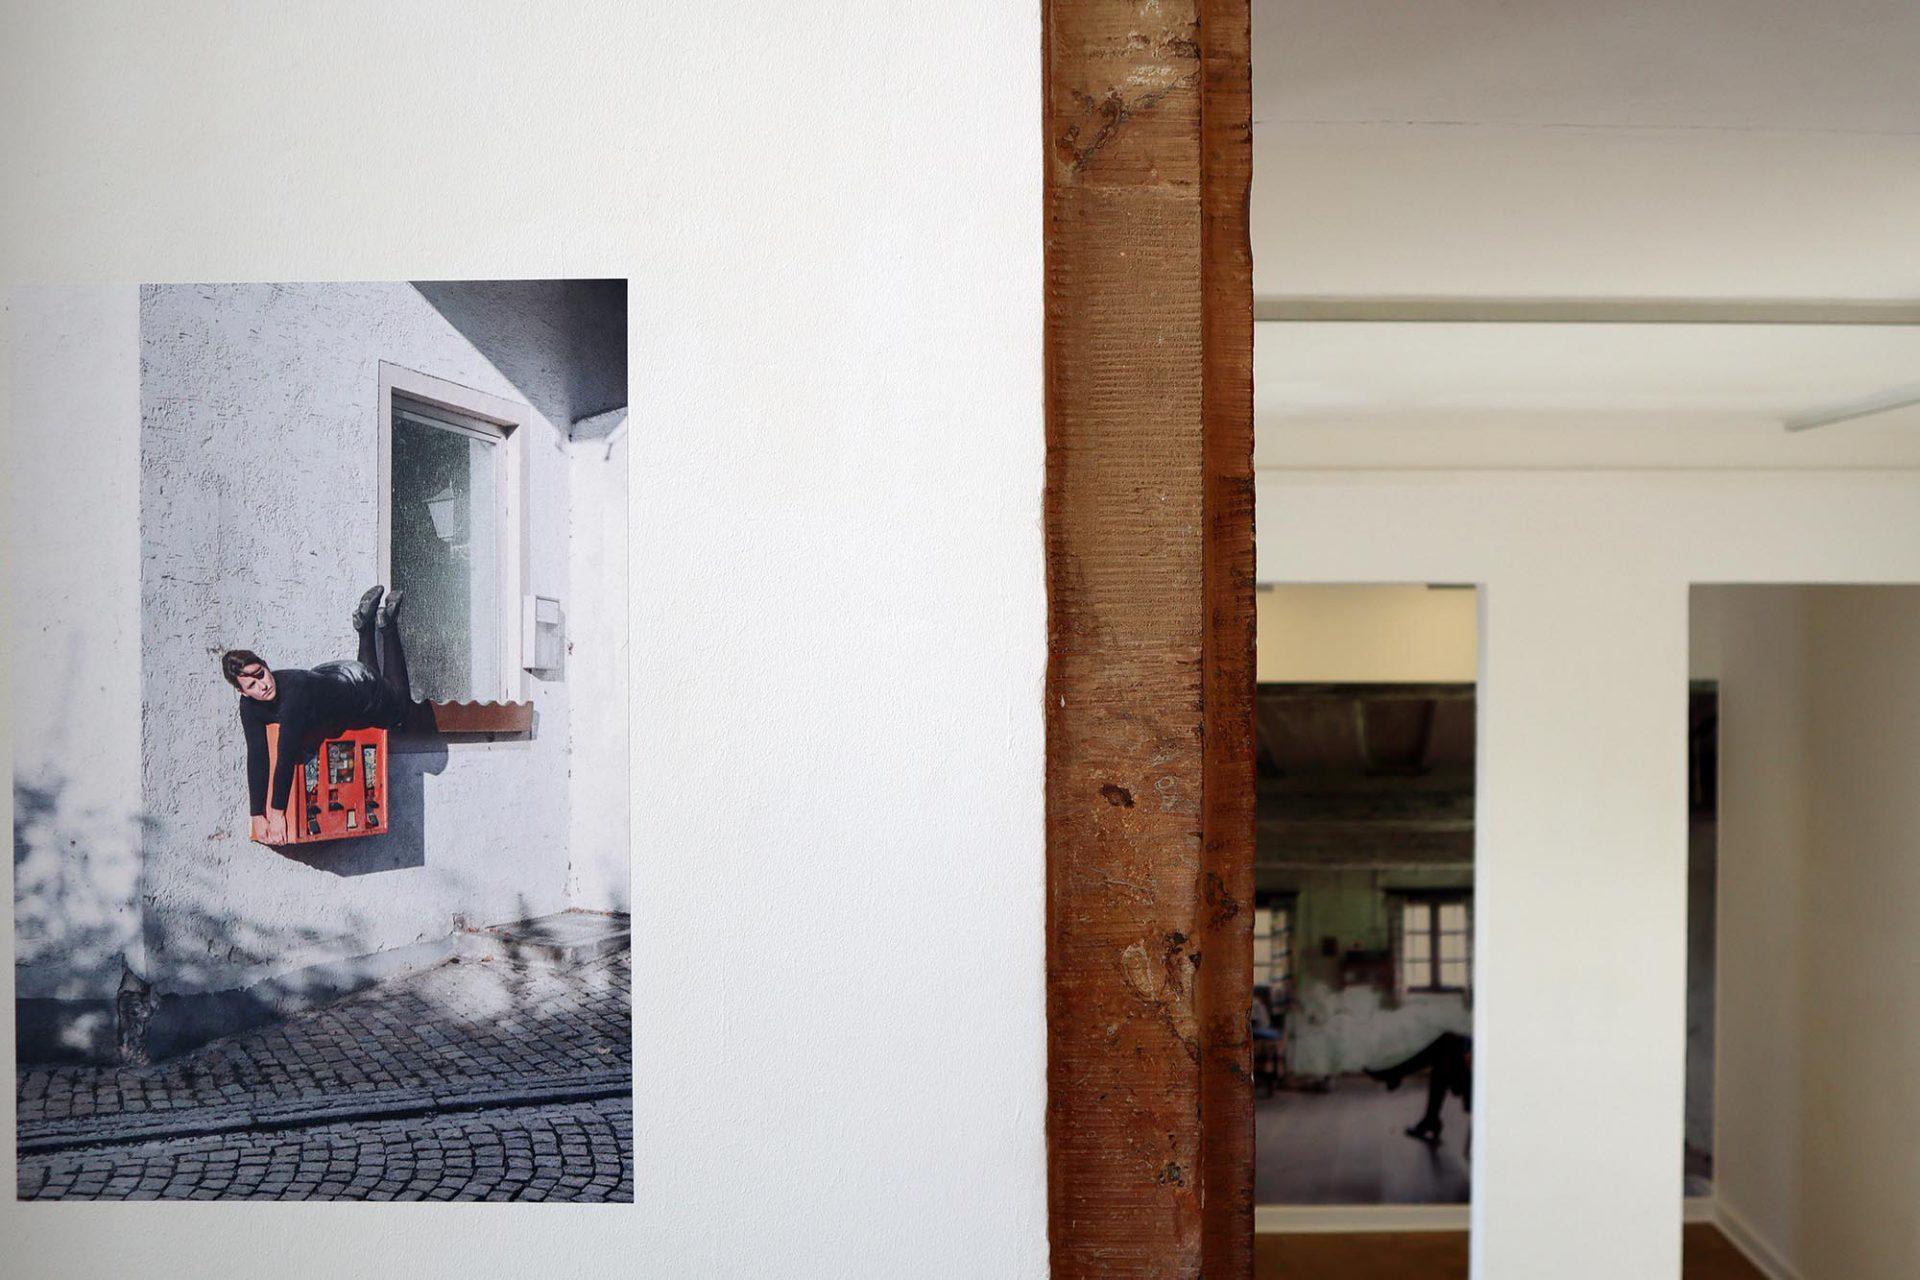 Bayerwaldzyklus Peter Haimerl. Architektur.. Die Ausstellung kommt ganz ohne Modelle und Zeichnungen aus, vermittelt aber dennoch überzeugend die Arbeitsweise Haimerls.